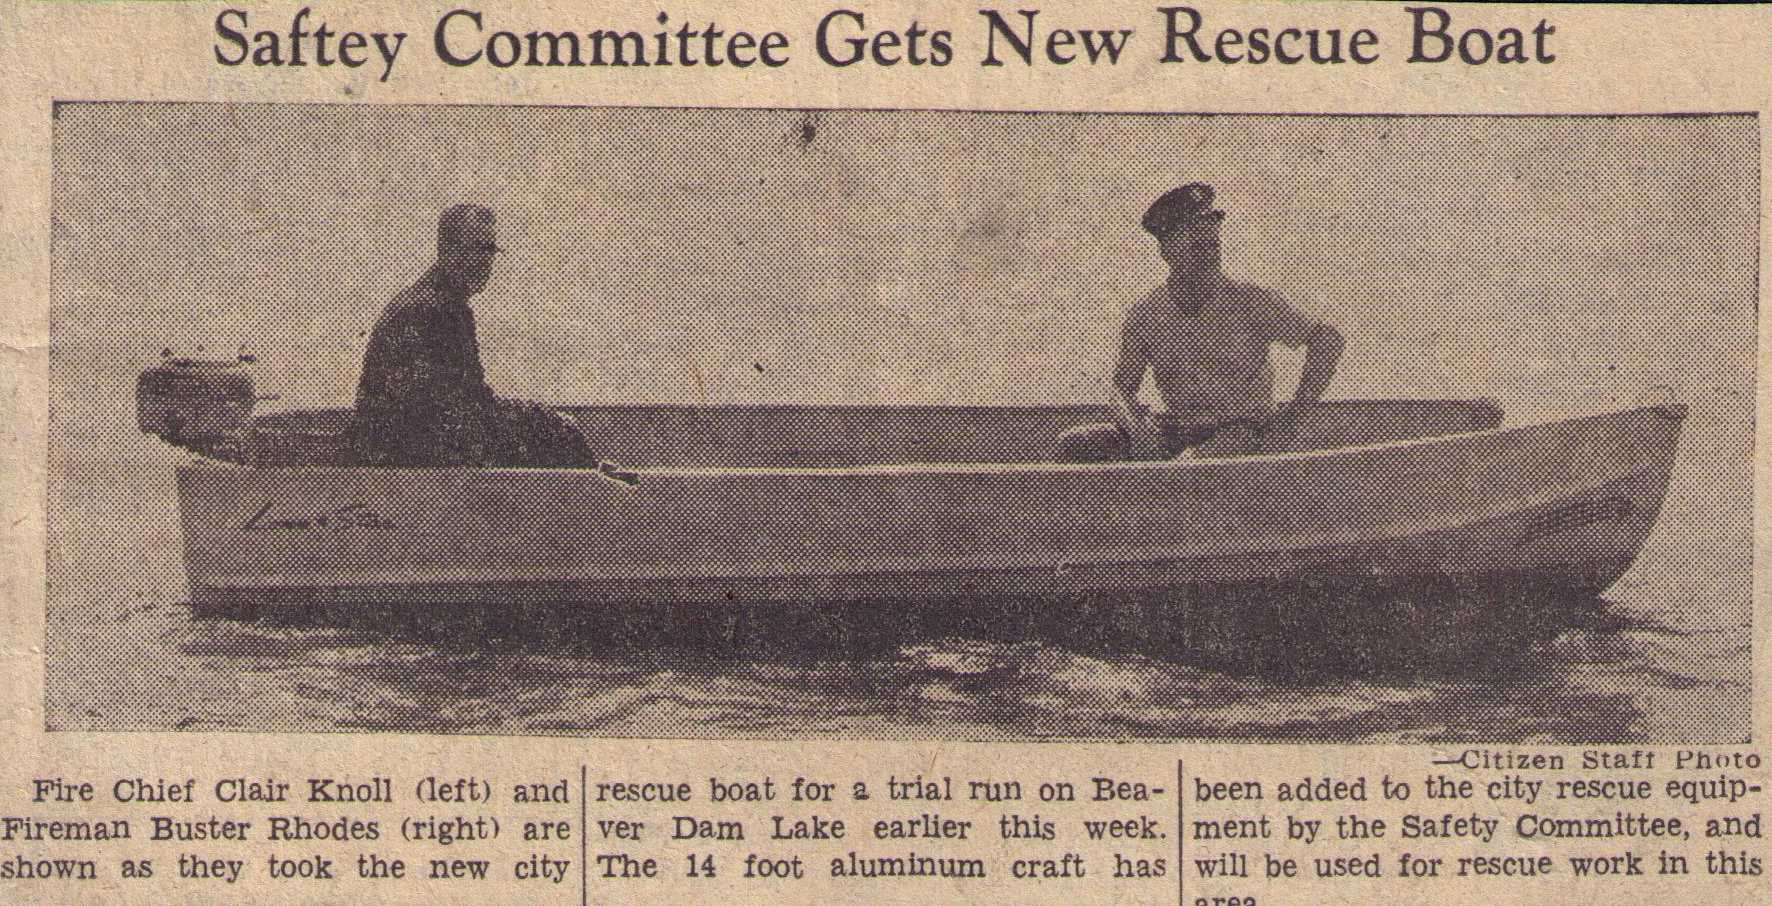 1955 Rescue Boat